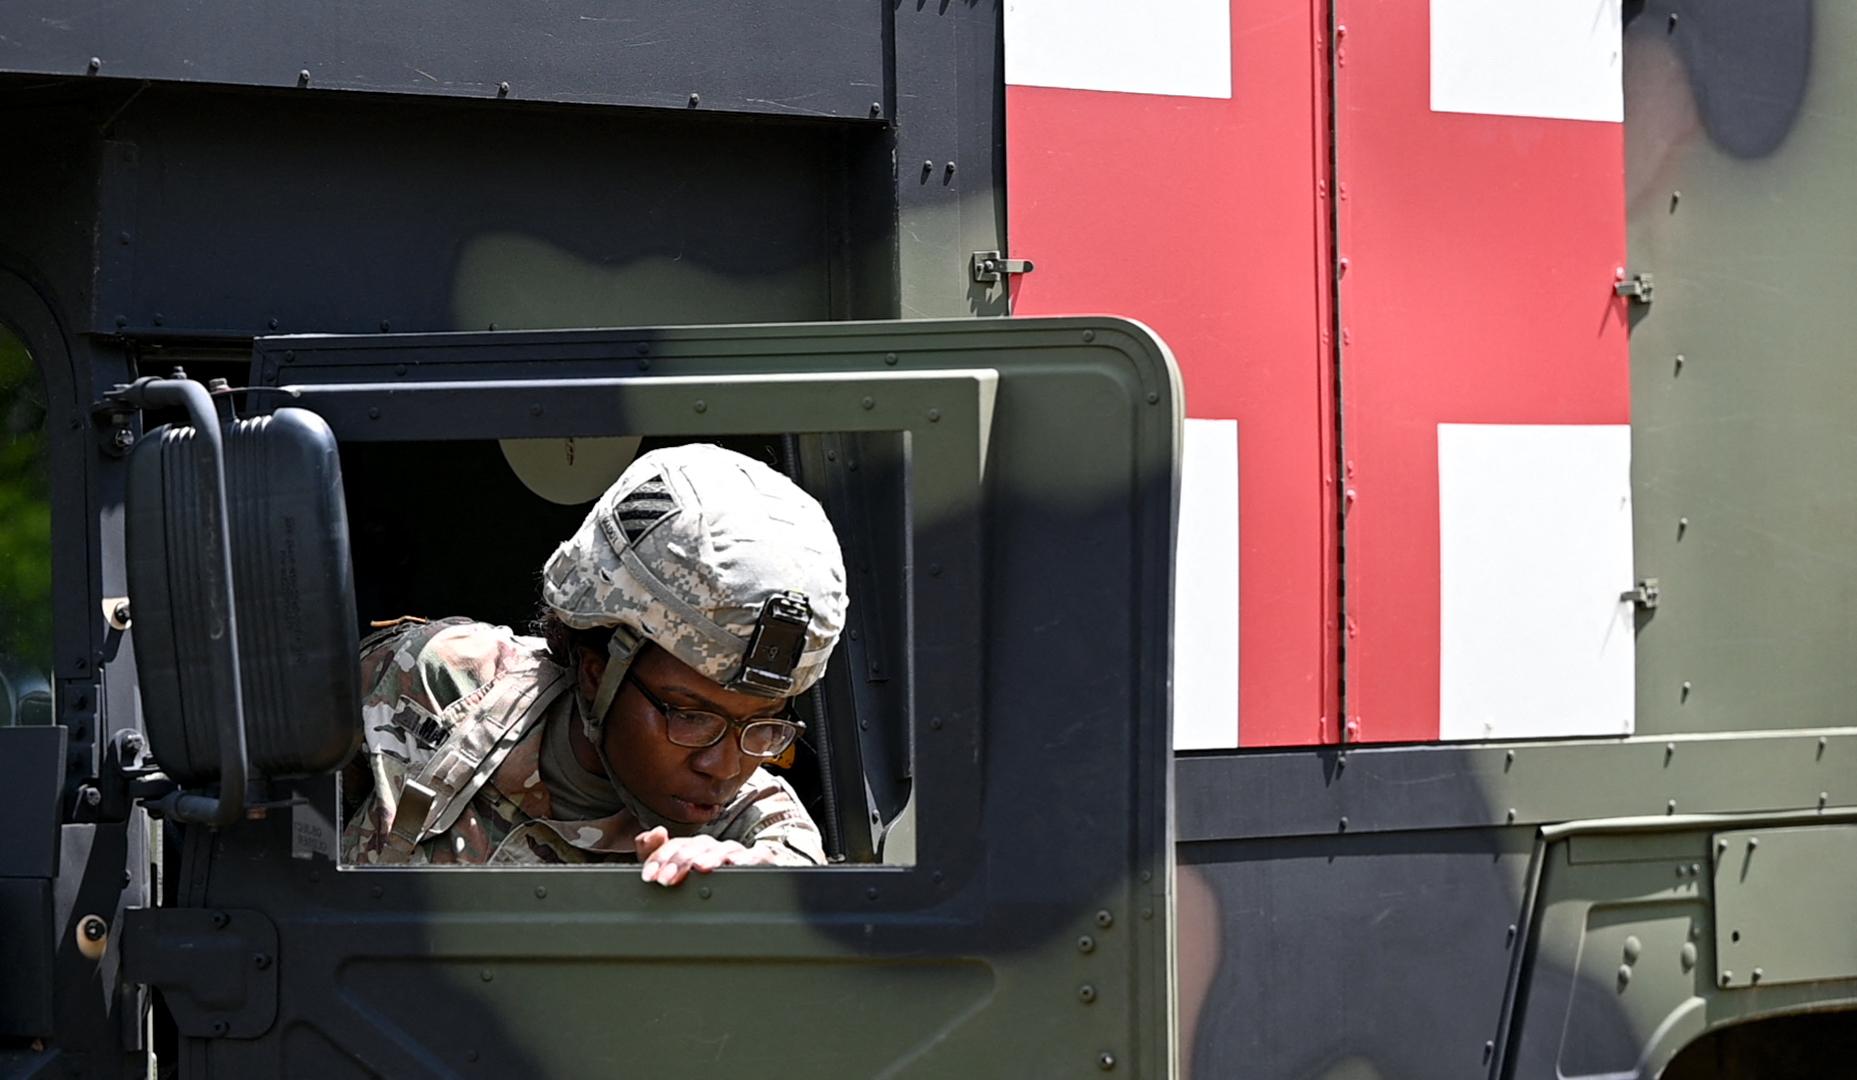 Hosszú katonai konvojok lassíthatják a forgalmat szombatig